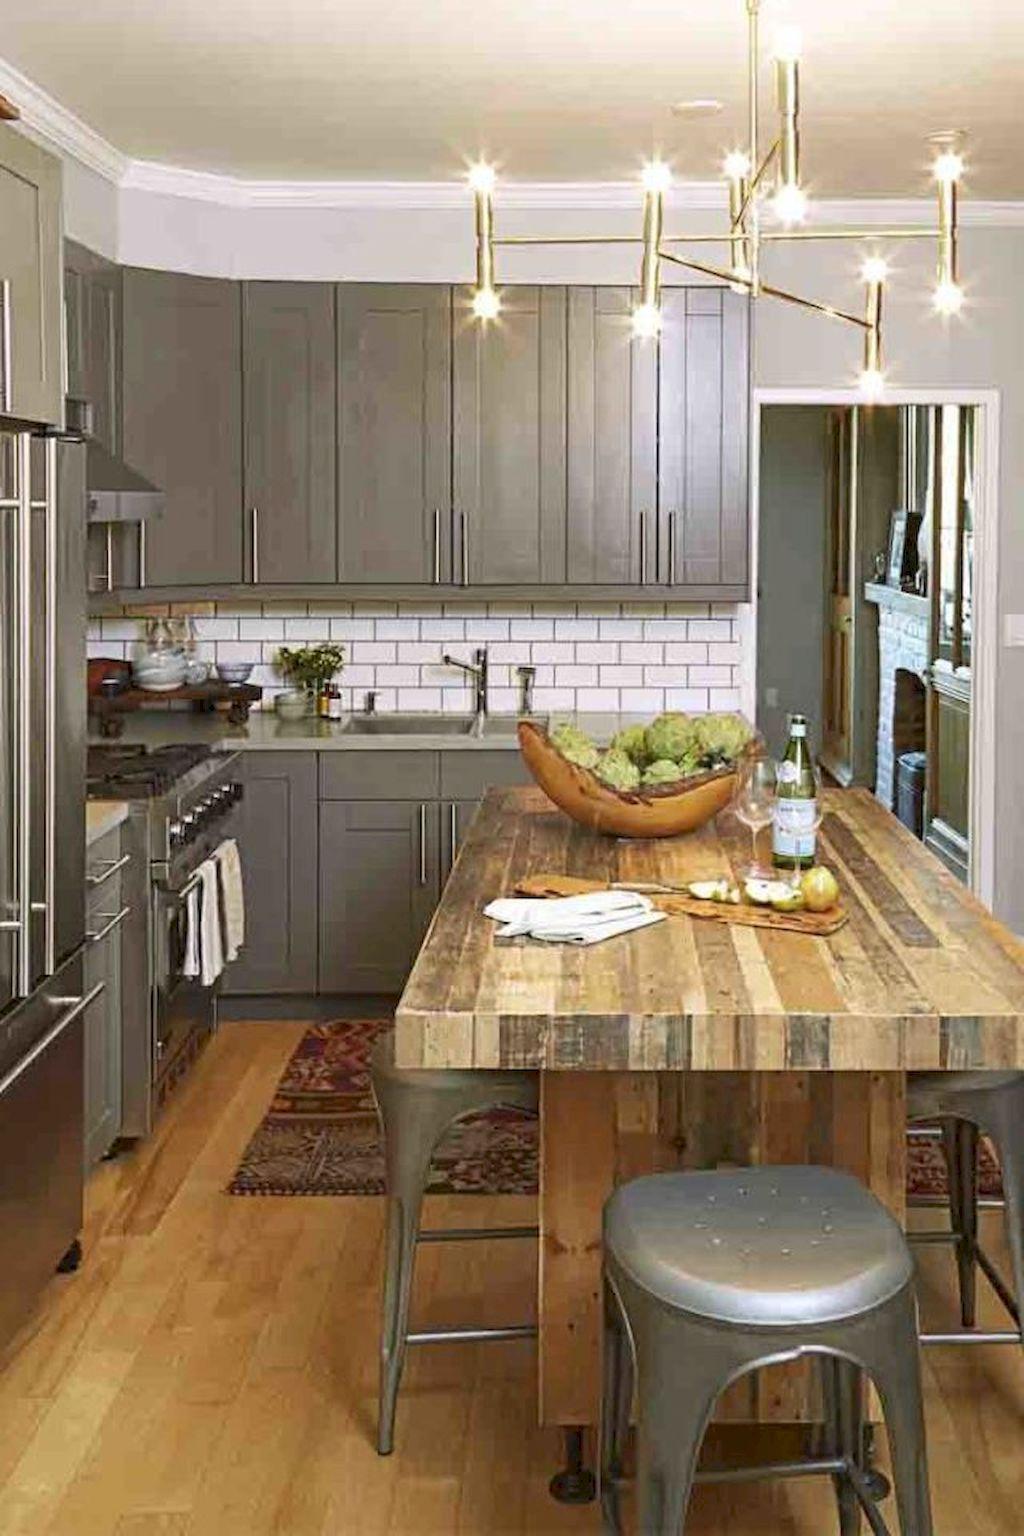 Stunning Small Island Kitchen Table Ideas | Small kitchen ...